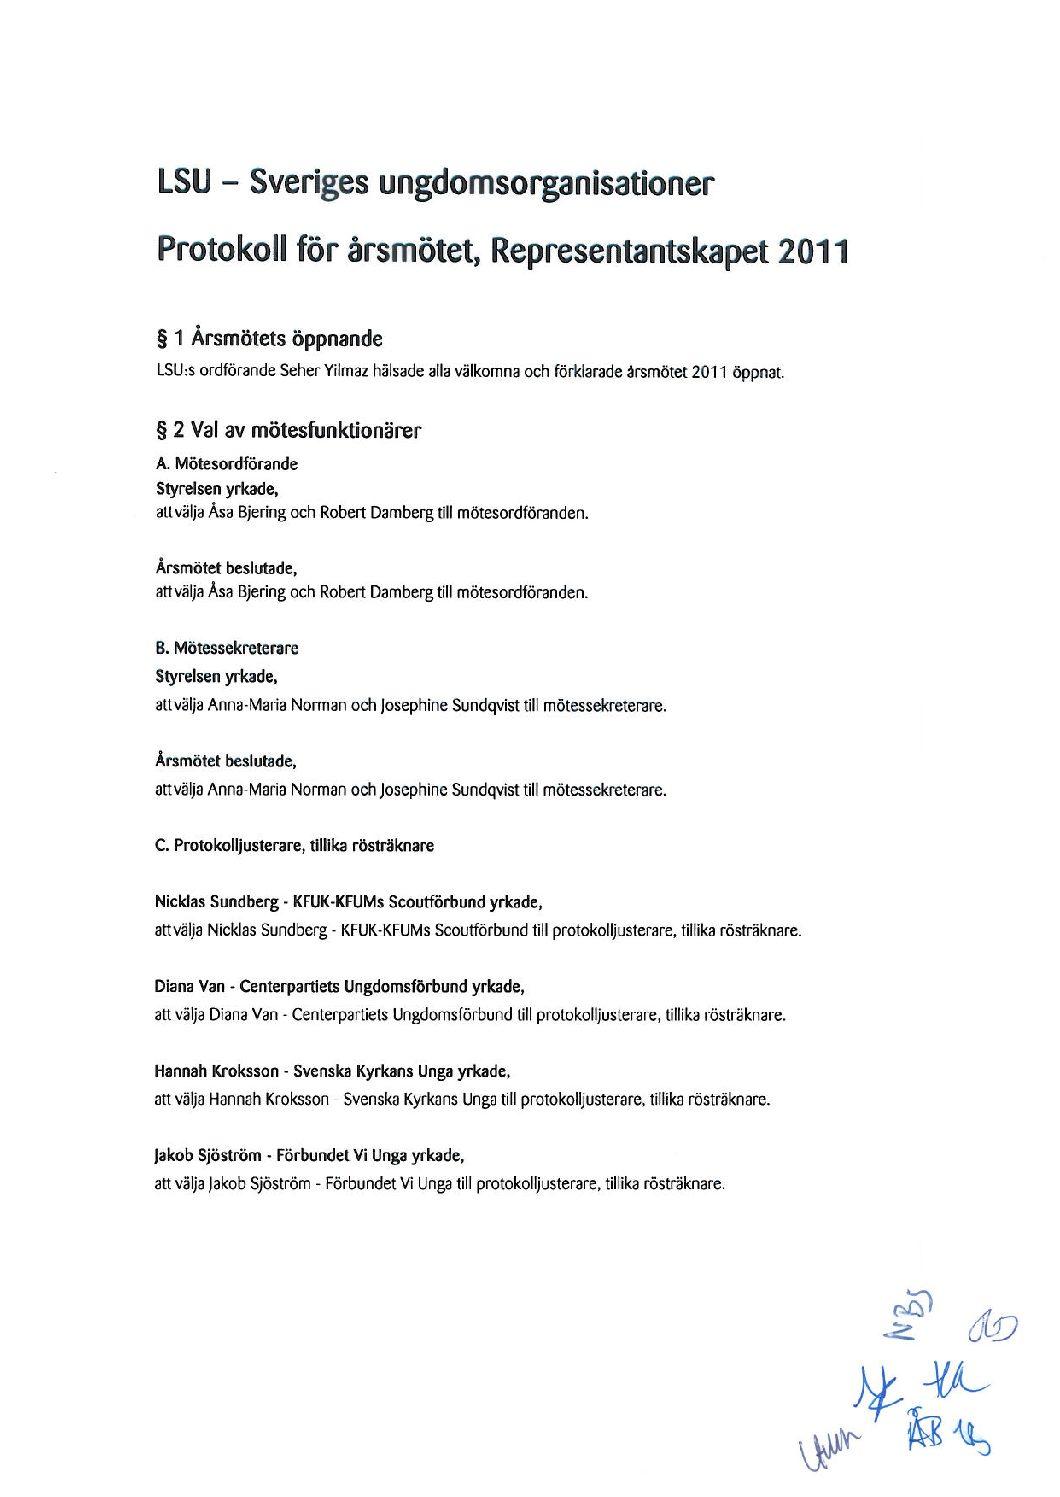 Protokoll för årsmötet 2011, justerat